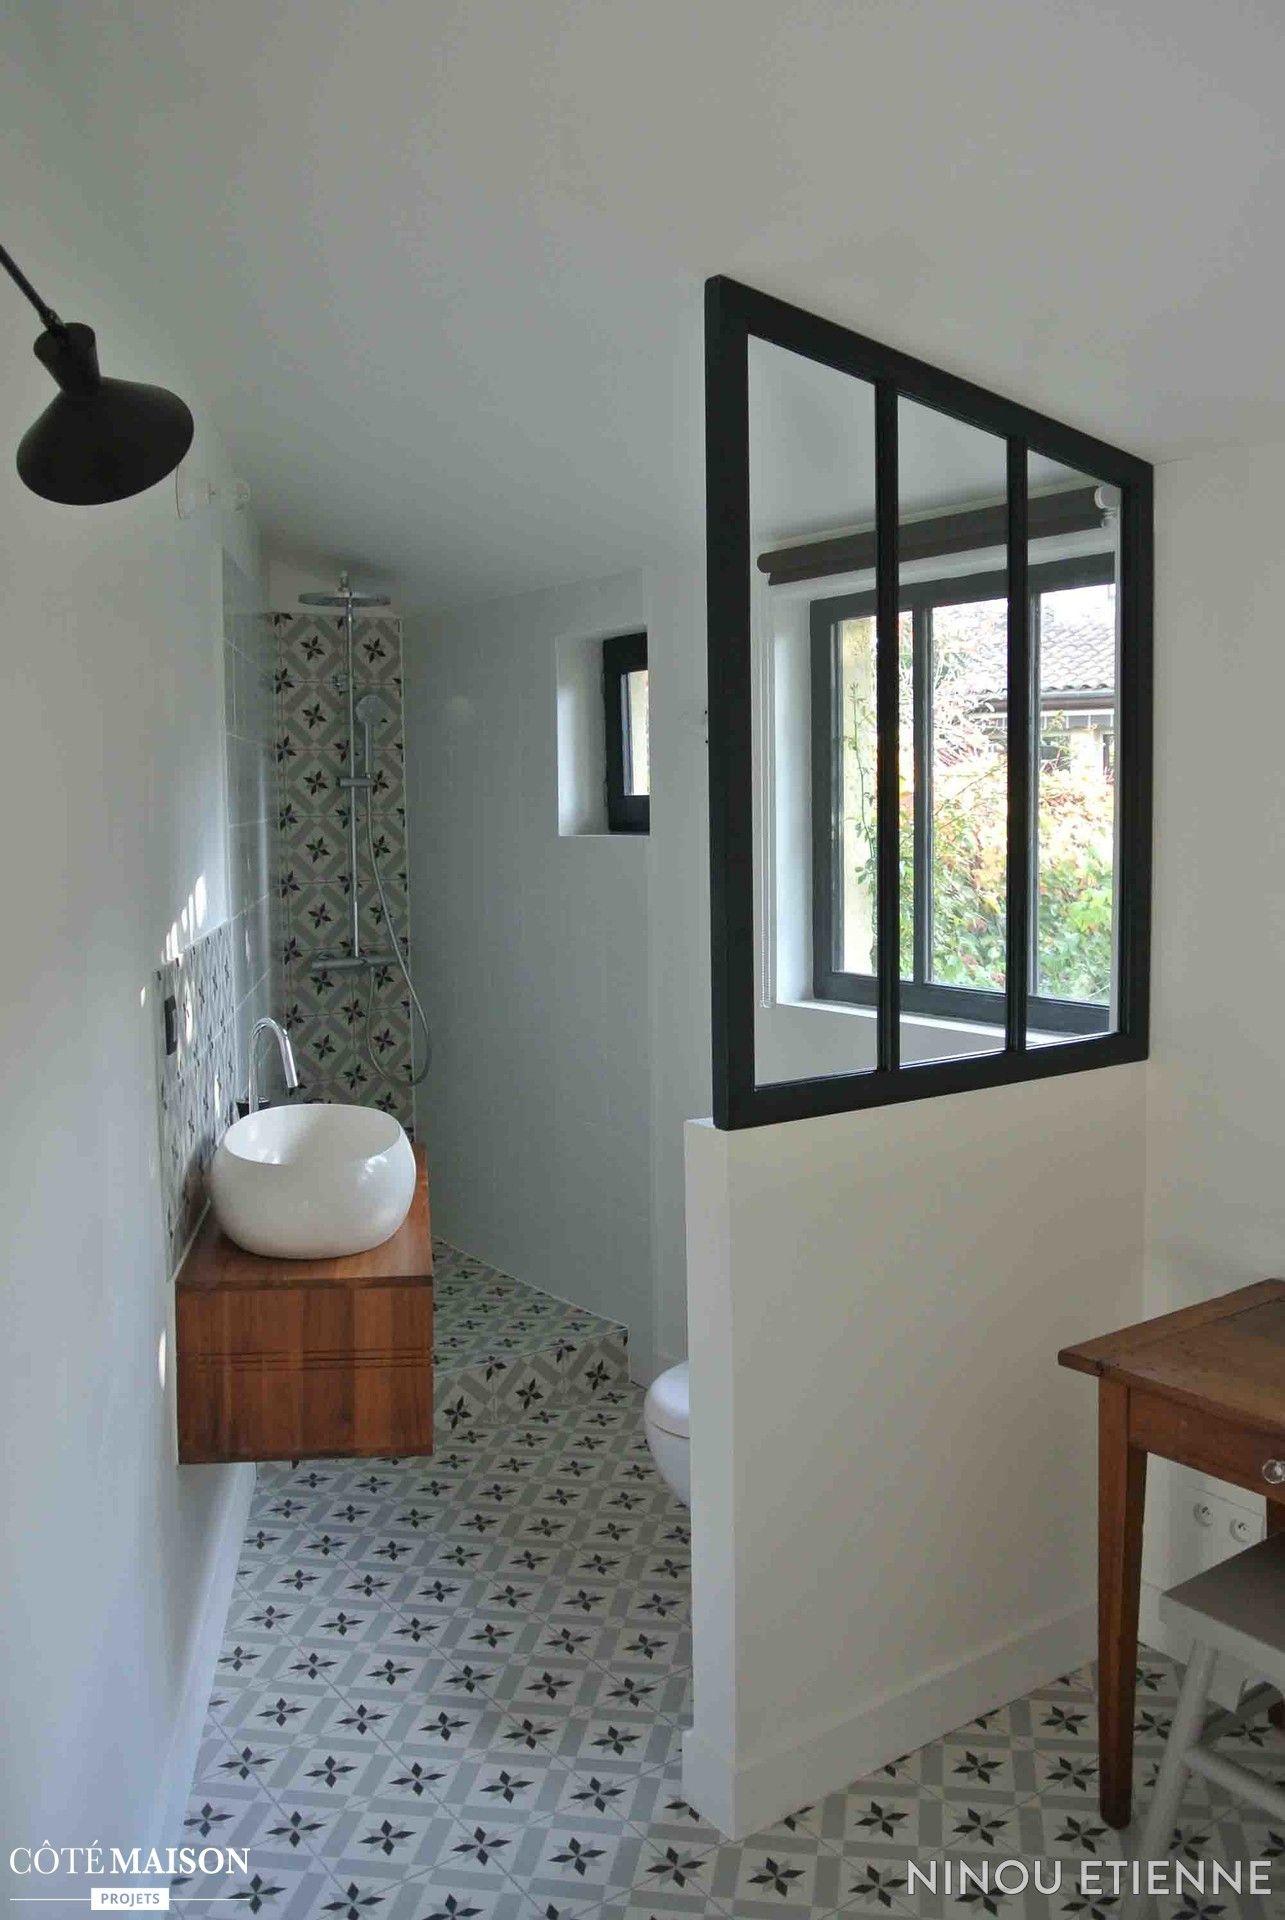 Cote maison salle de bain amnager salon salle de bain for Cote maison salle de bain